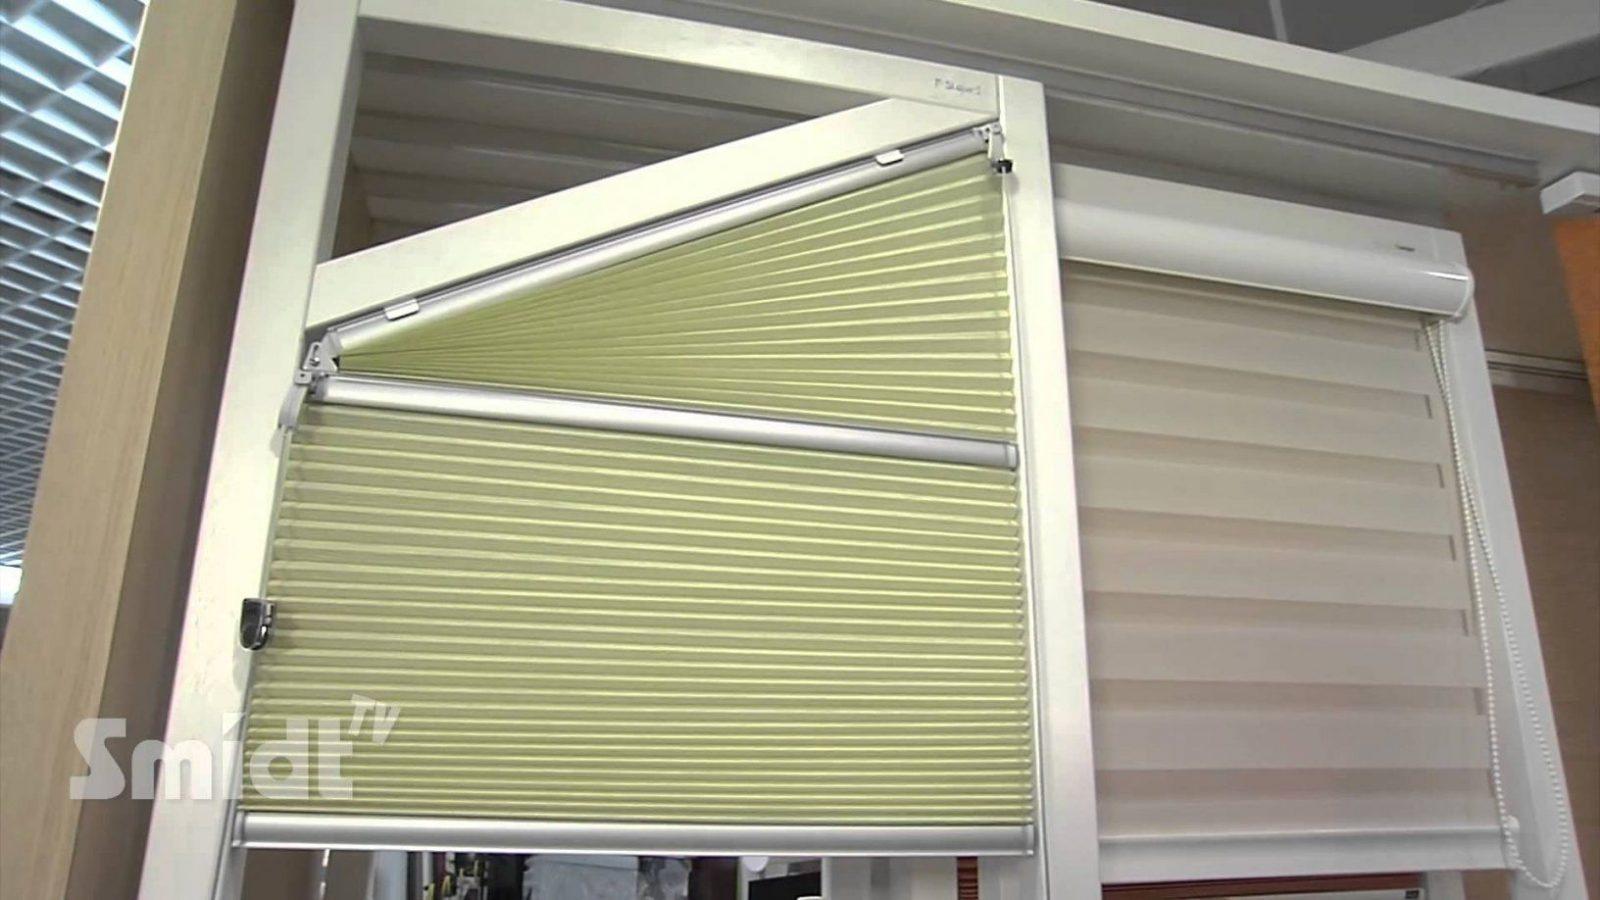 Tipps Zum Gestalten Mit Gardinen Und Alternativen  Youtube von Vorhang Für Schräge Fenster Bild